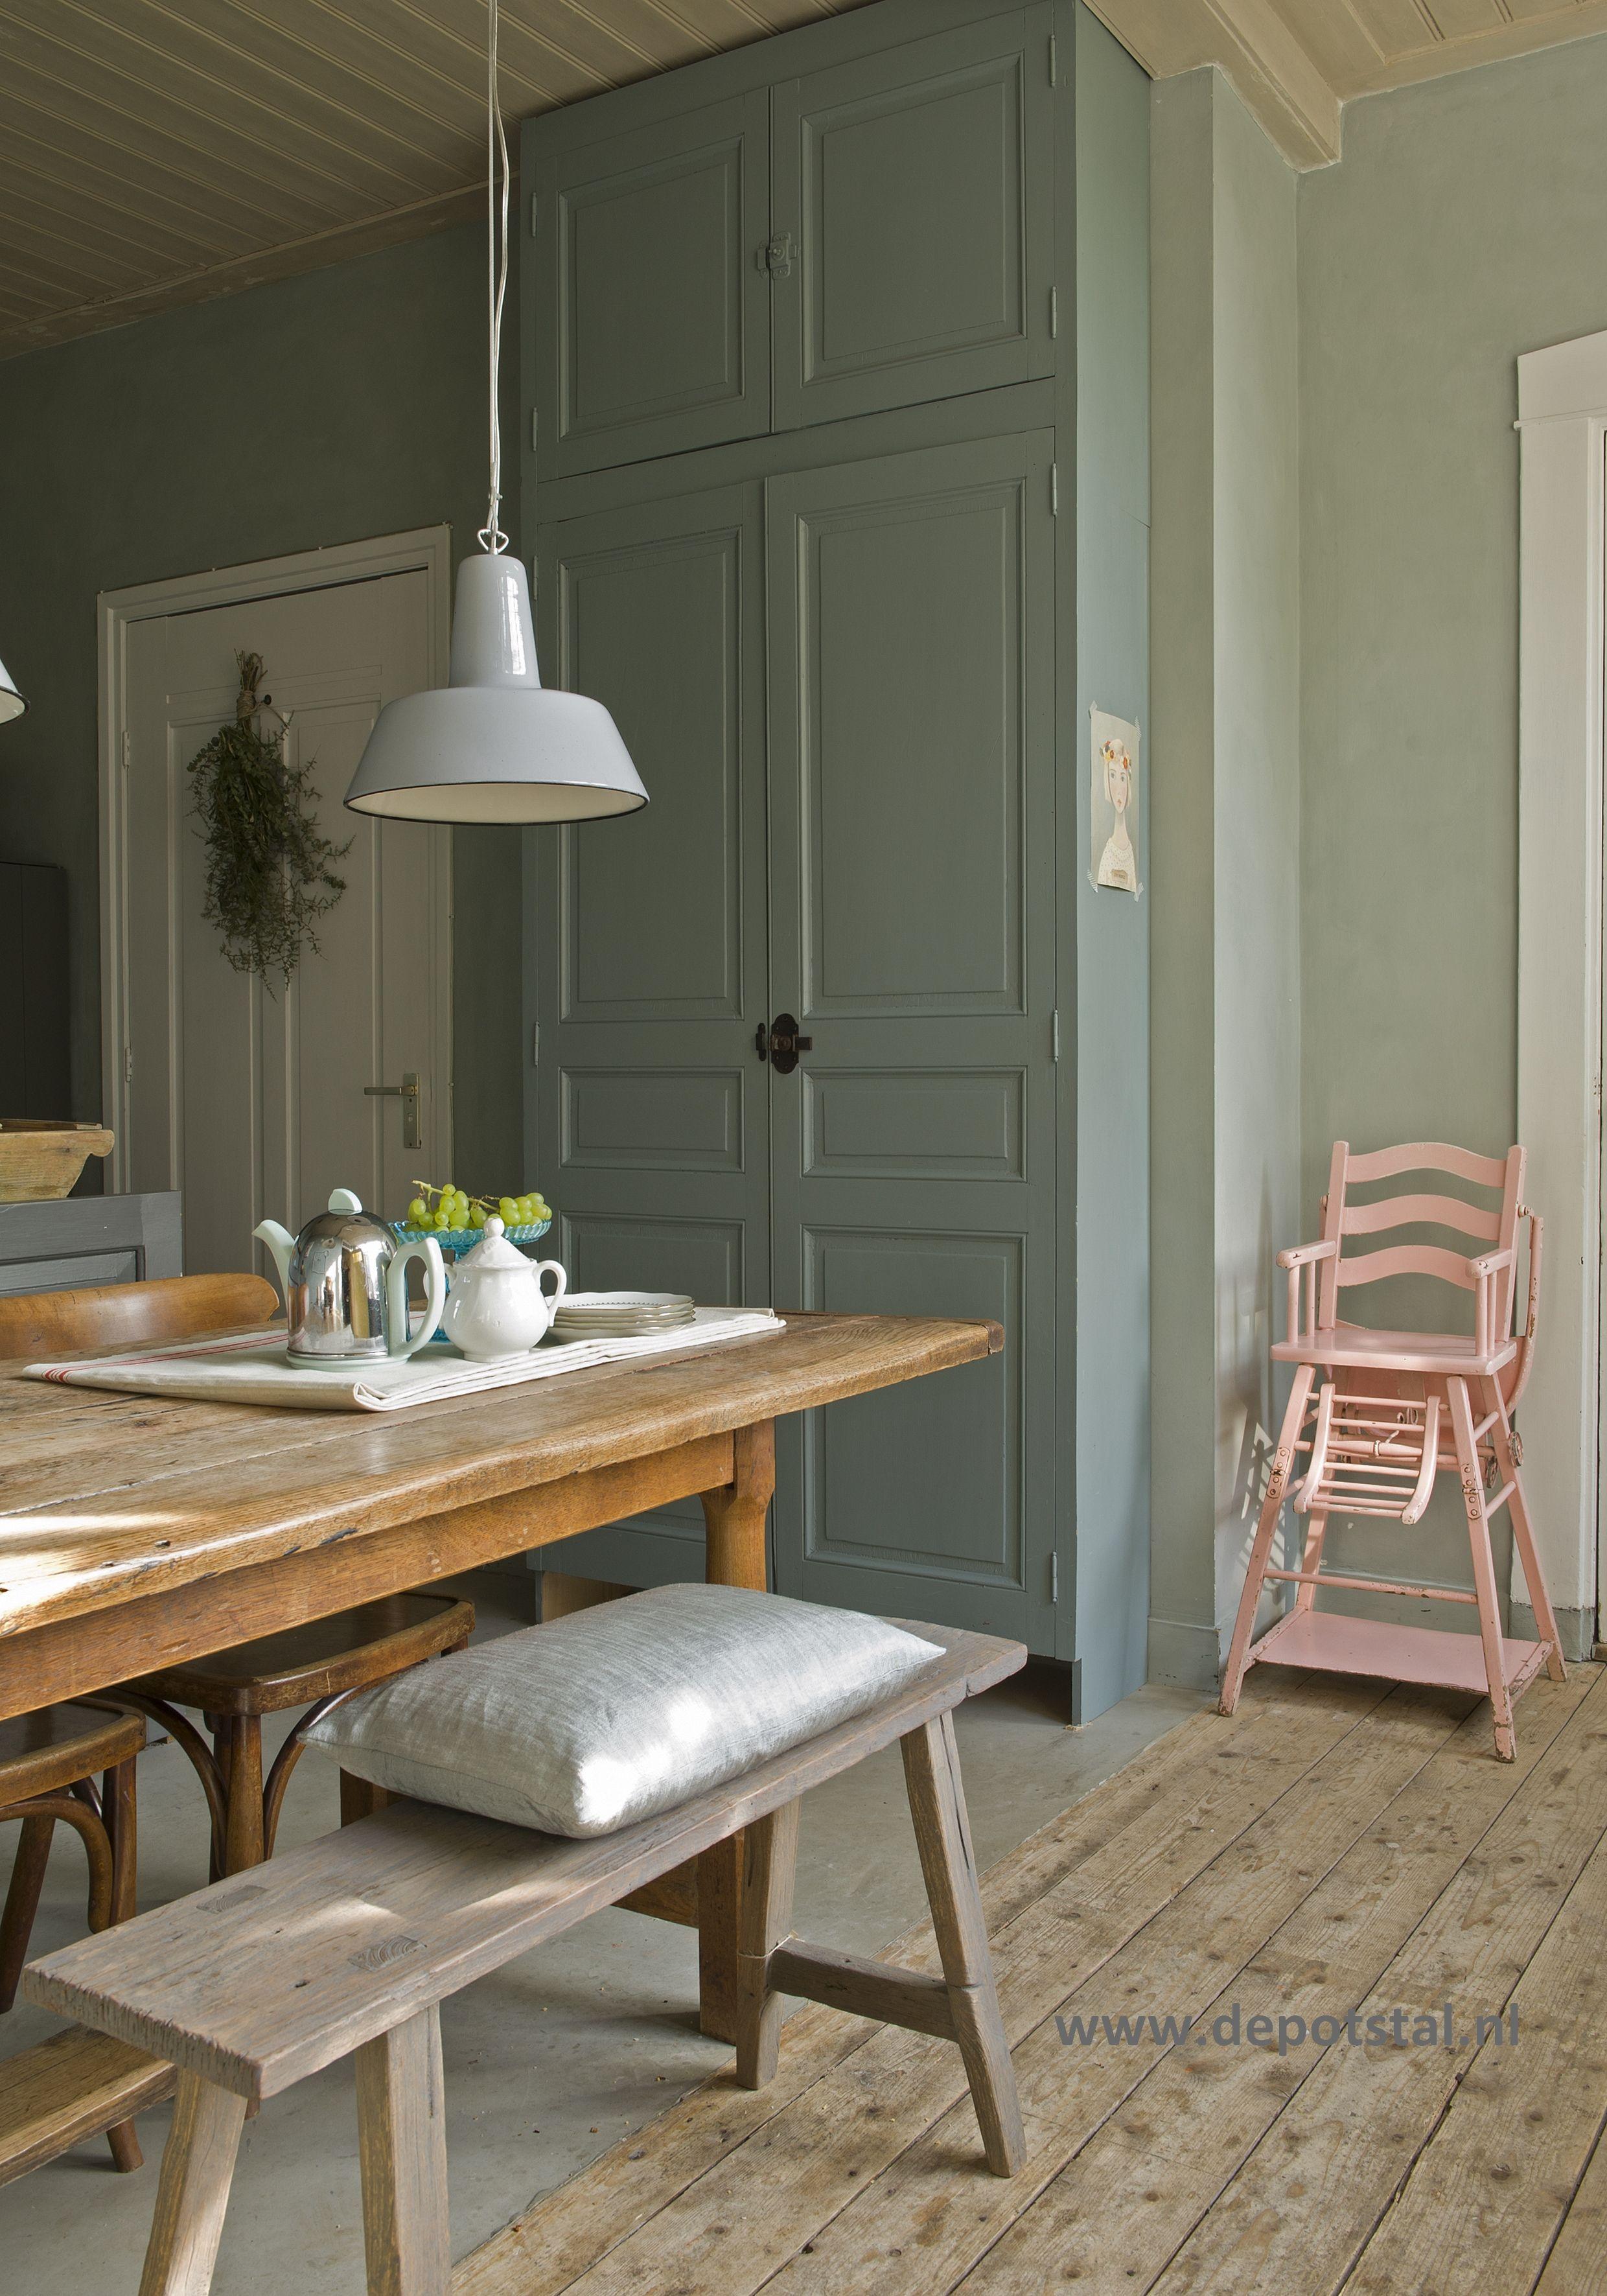 landelijke keuken met verf van pure and original verkrijgbaar bij de potstal de potstal. Black Bedroom Furniture Sets. Home Design Ideas